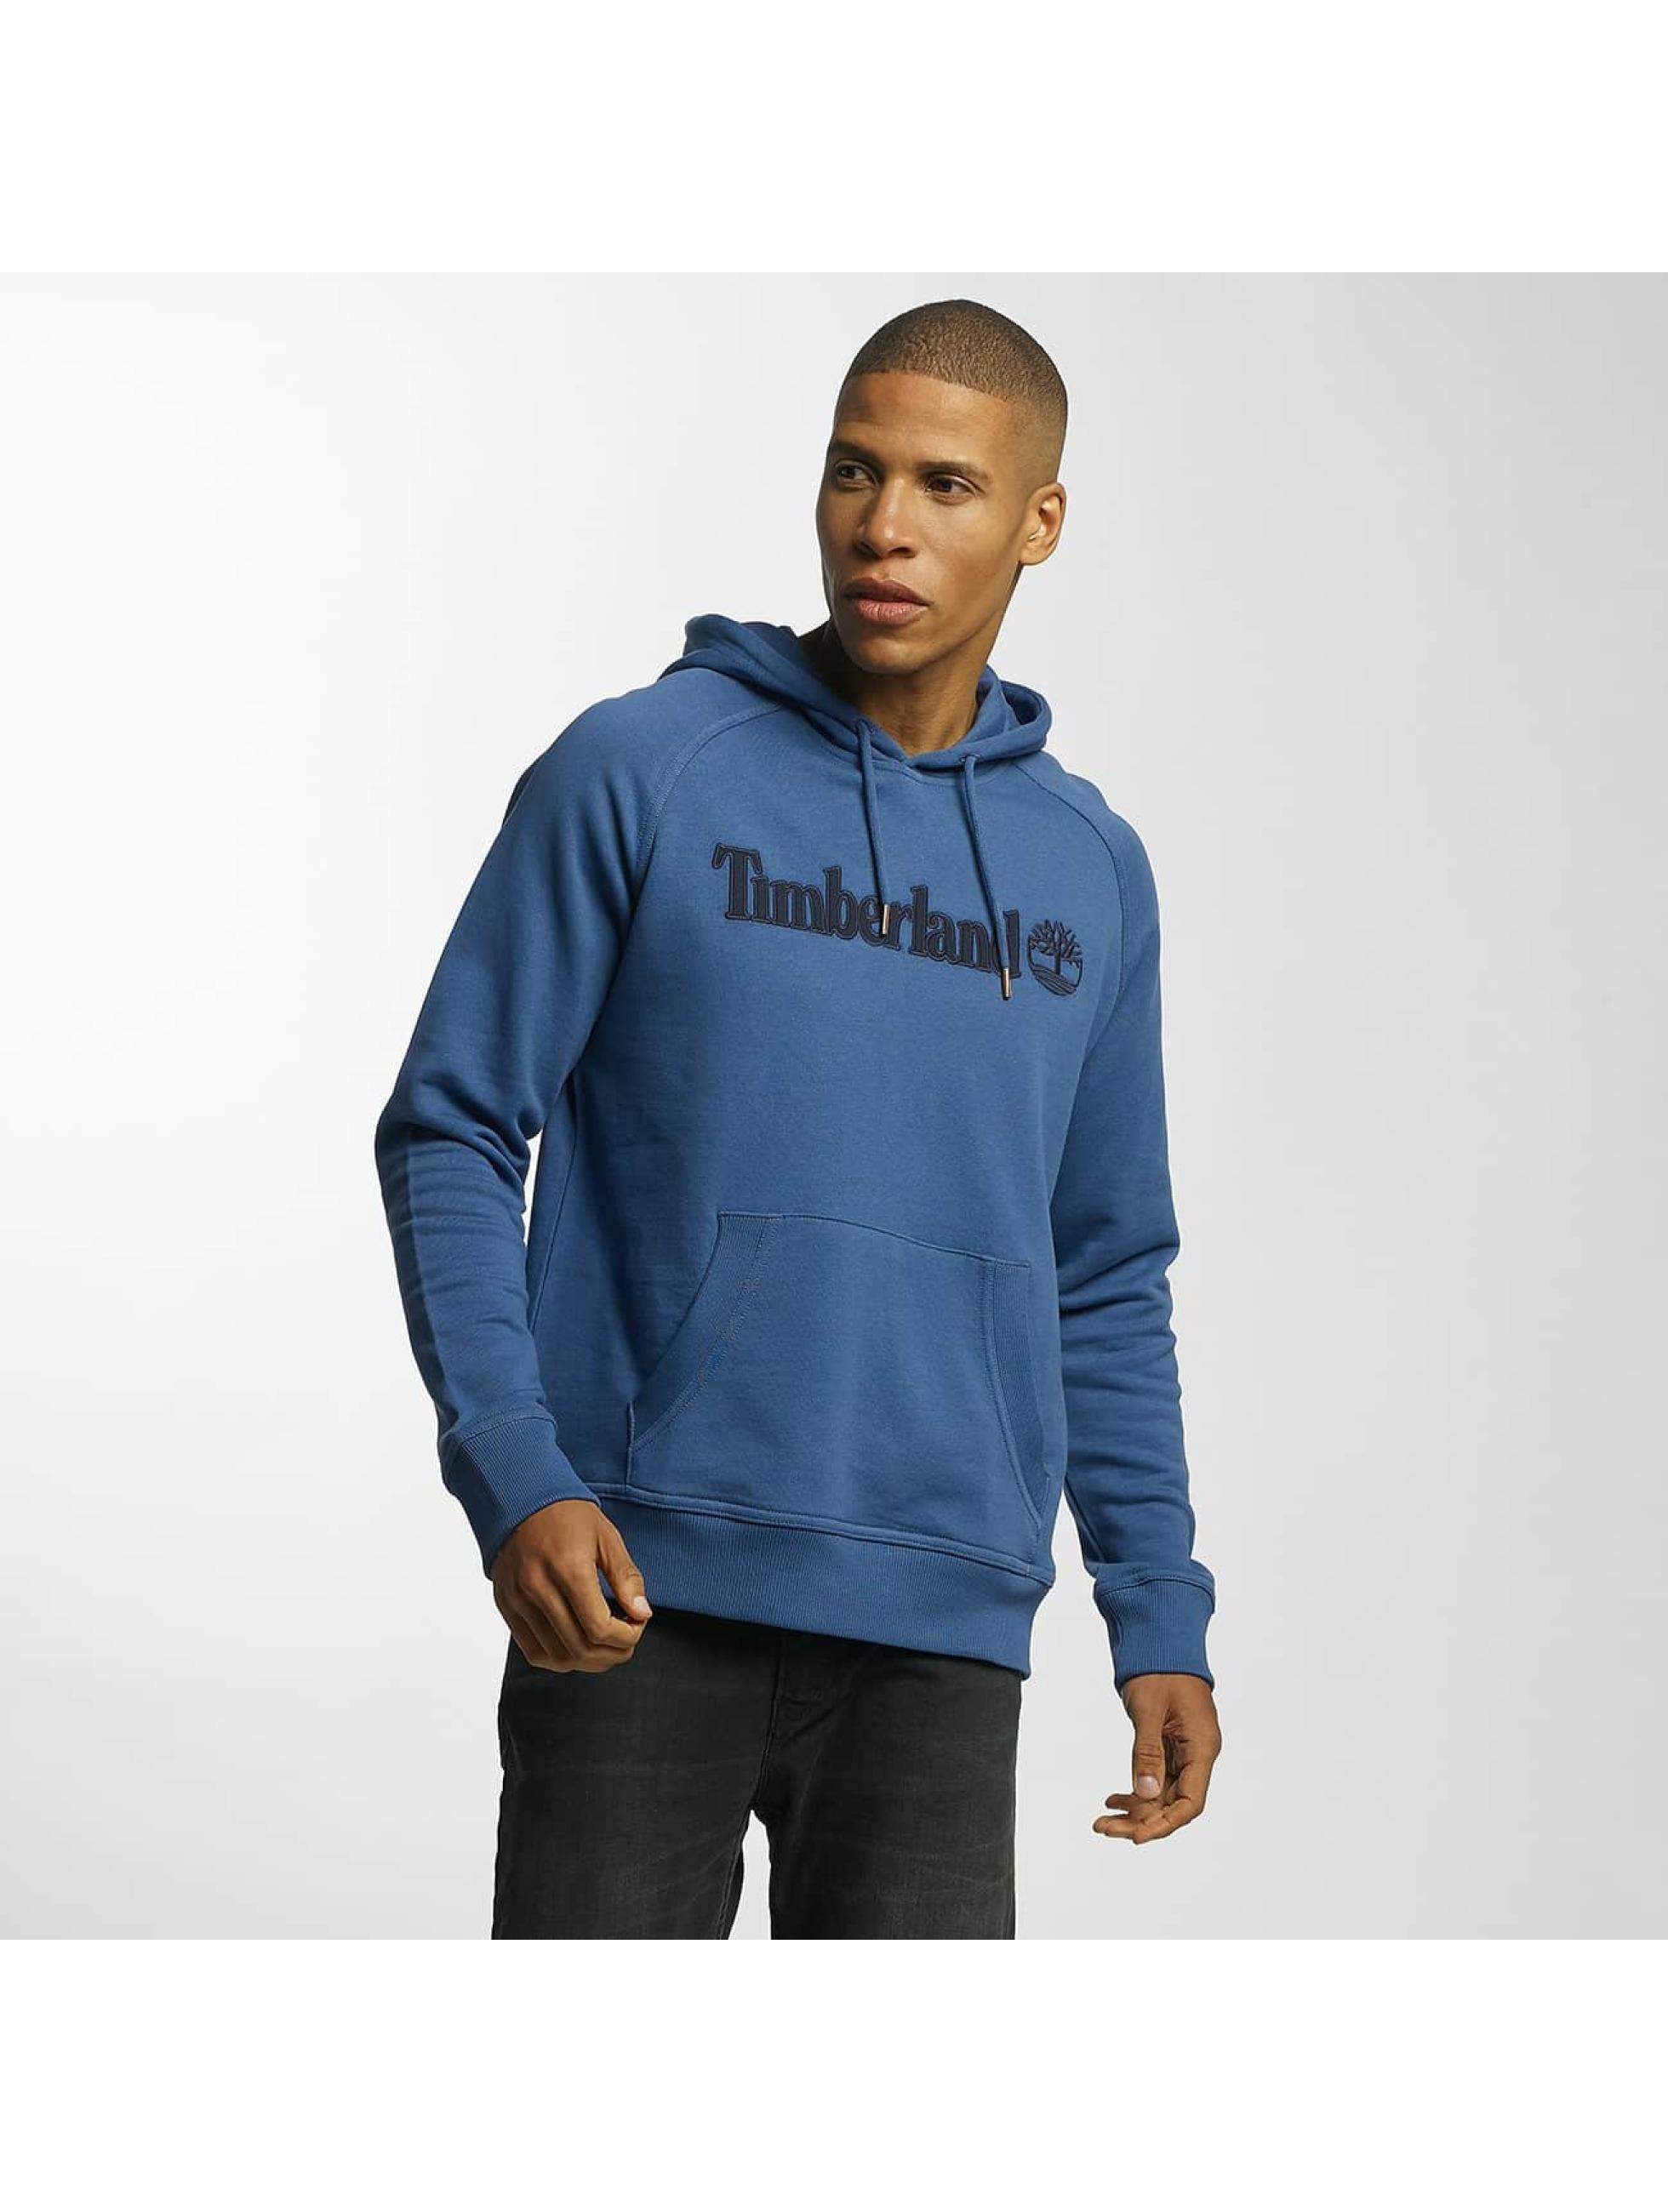 Timberland Hoody Graph blauw